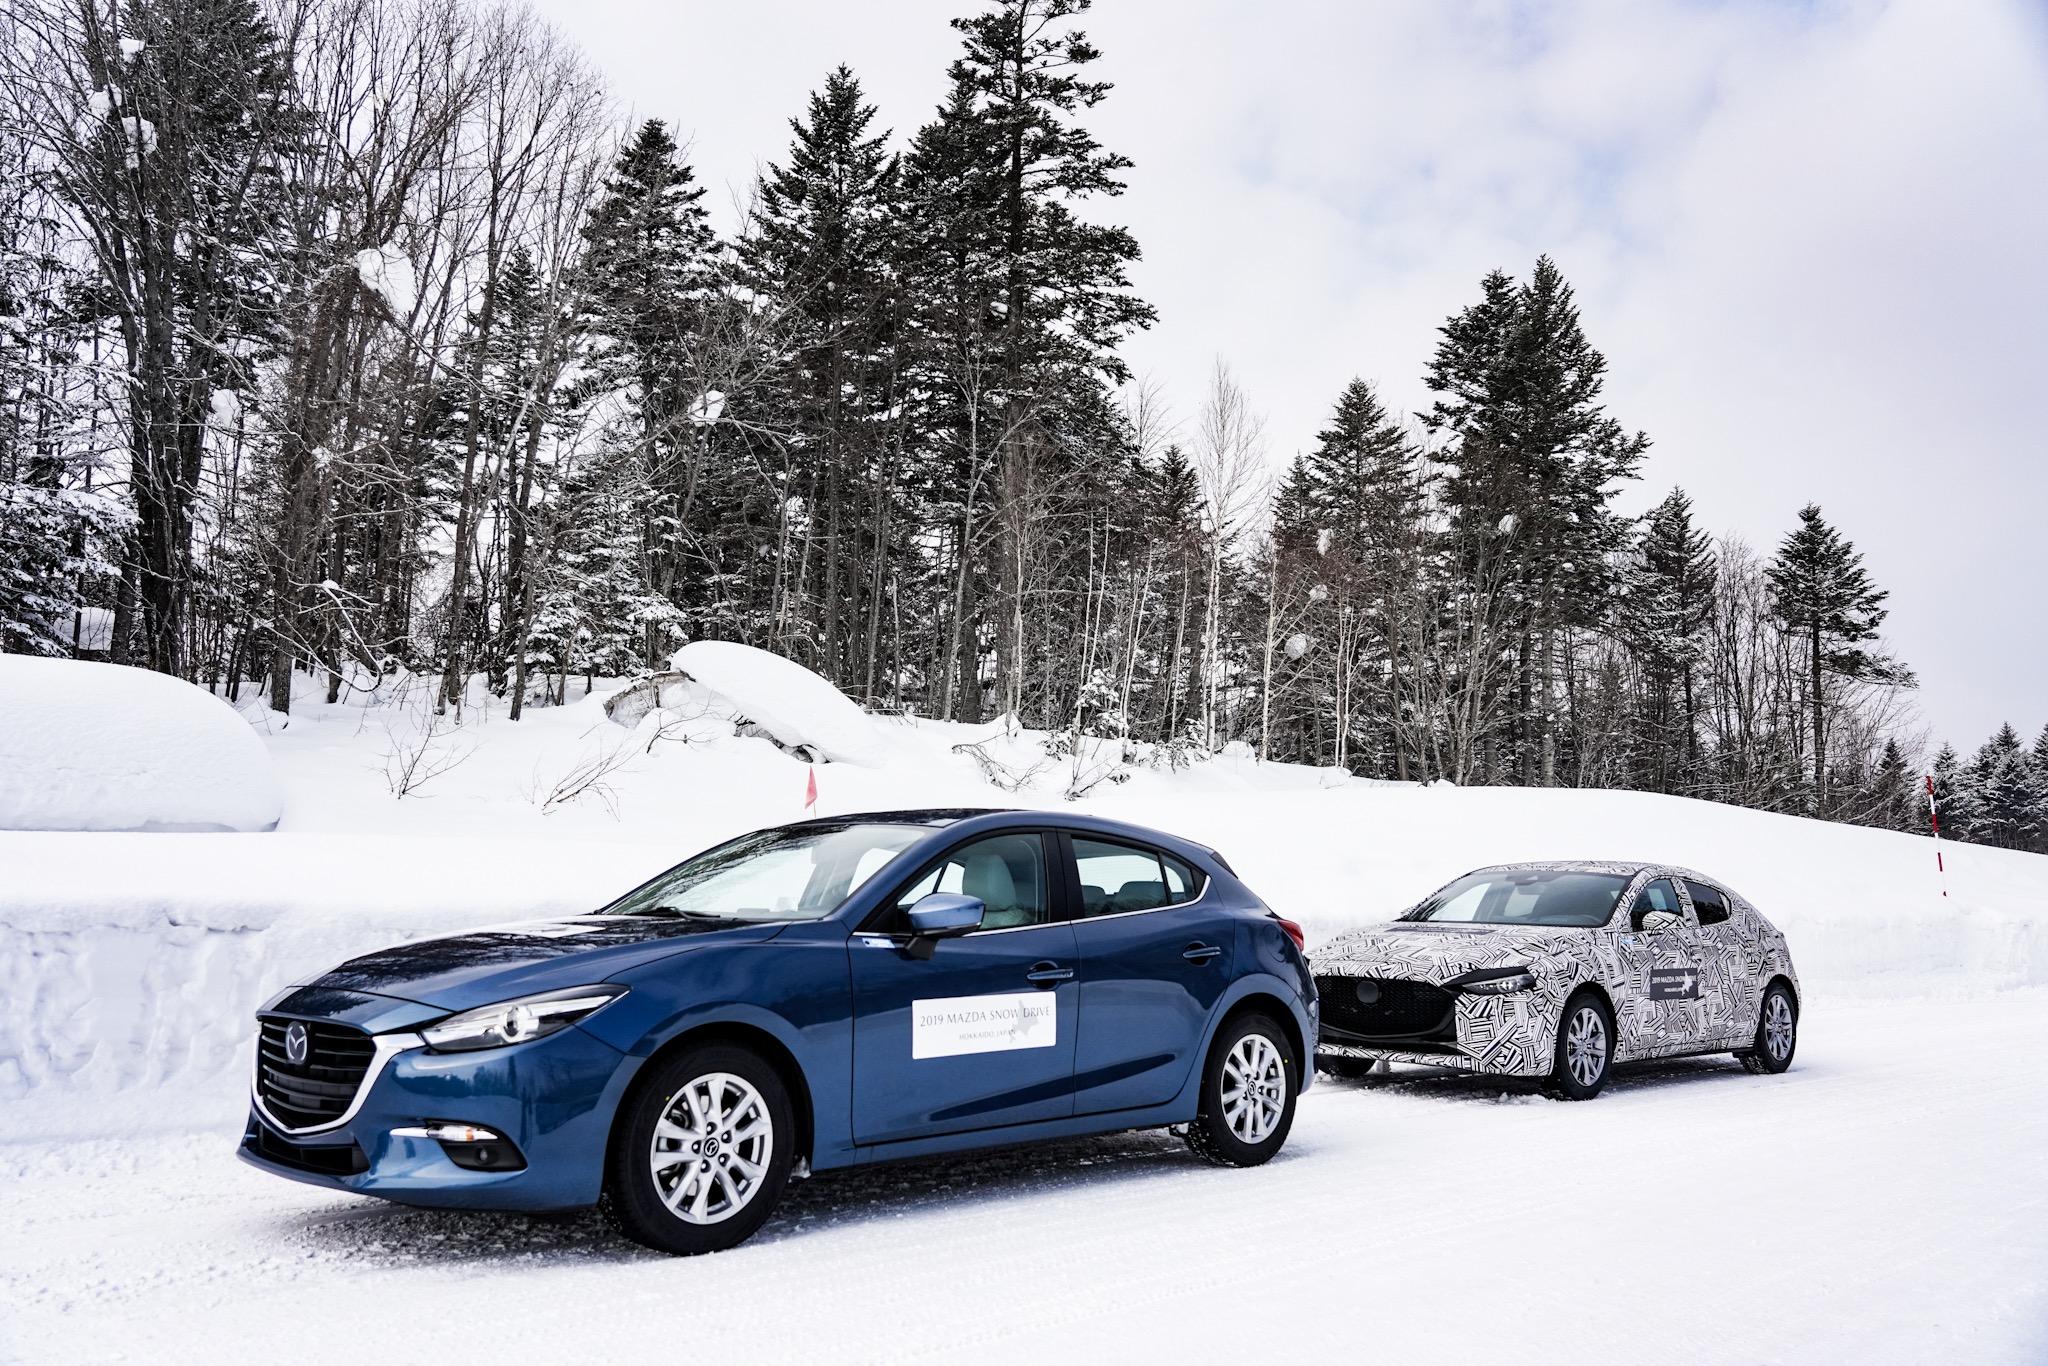 マツダ雪上取材会(2019) 新型Mazda3(次期型アクセラ)